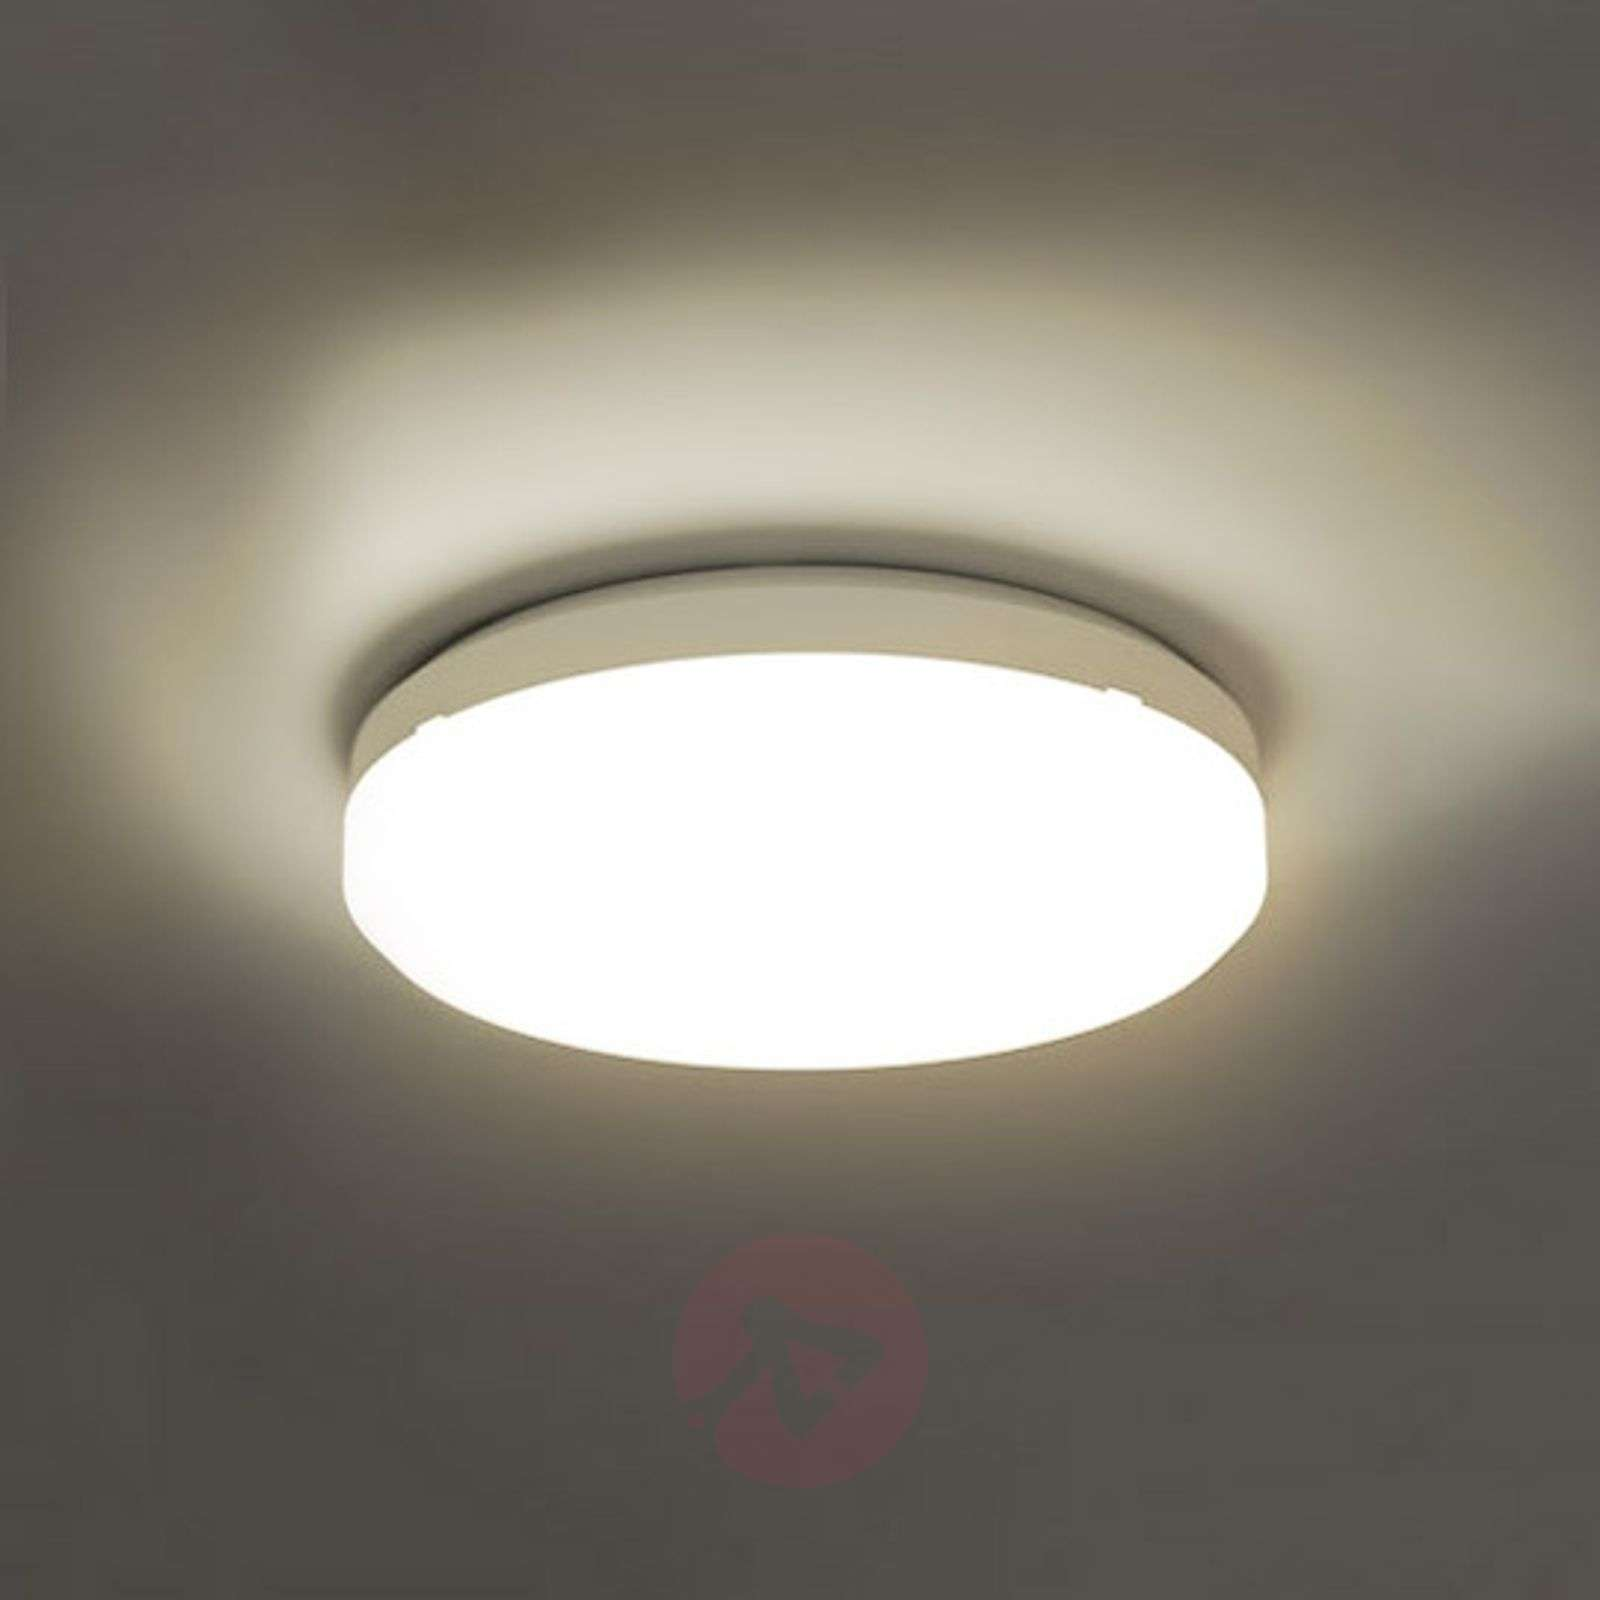 LED-kattovalaisin Sun 15 18W 3000K lämminvalkoinen-1018311-01